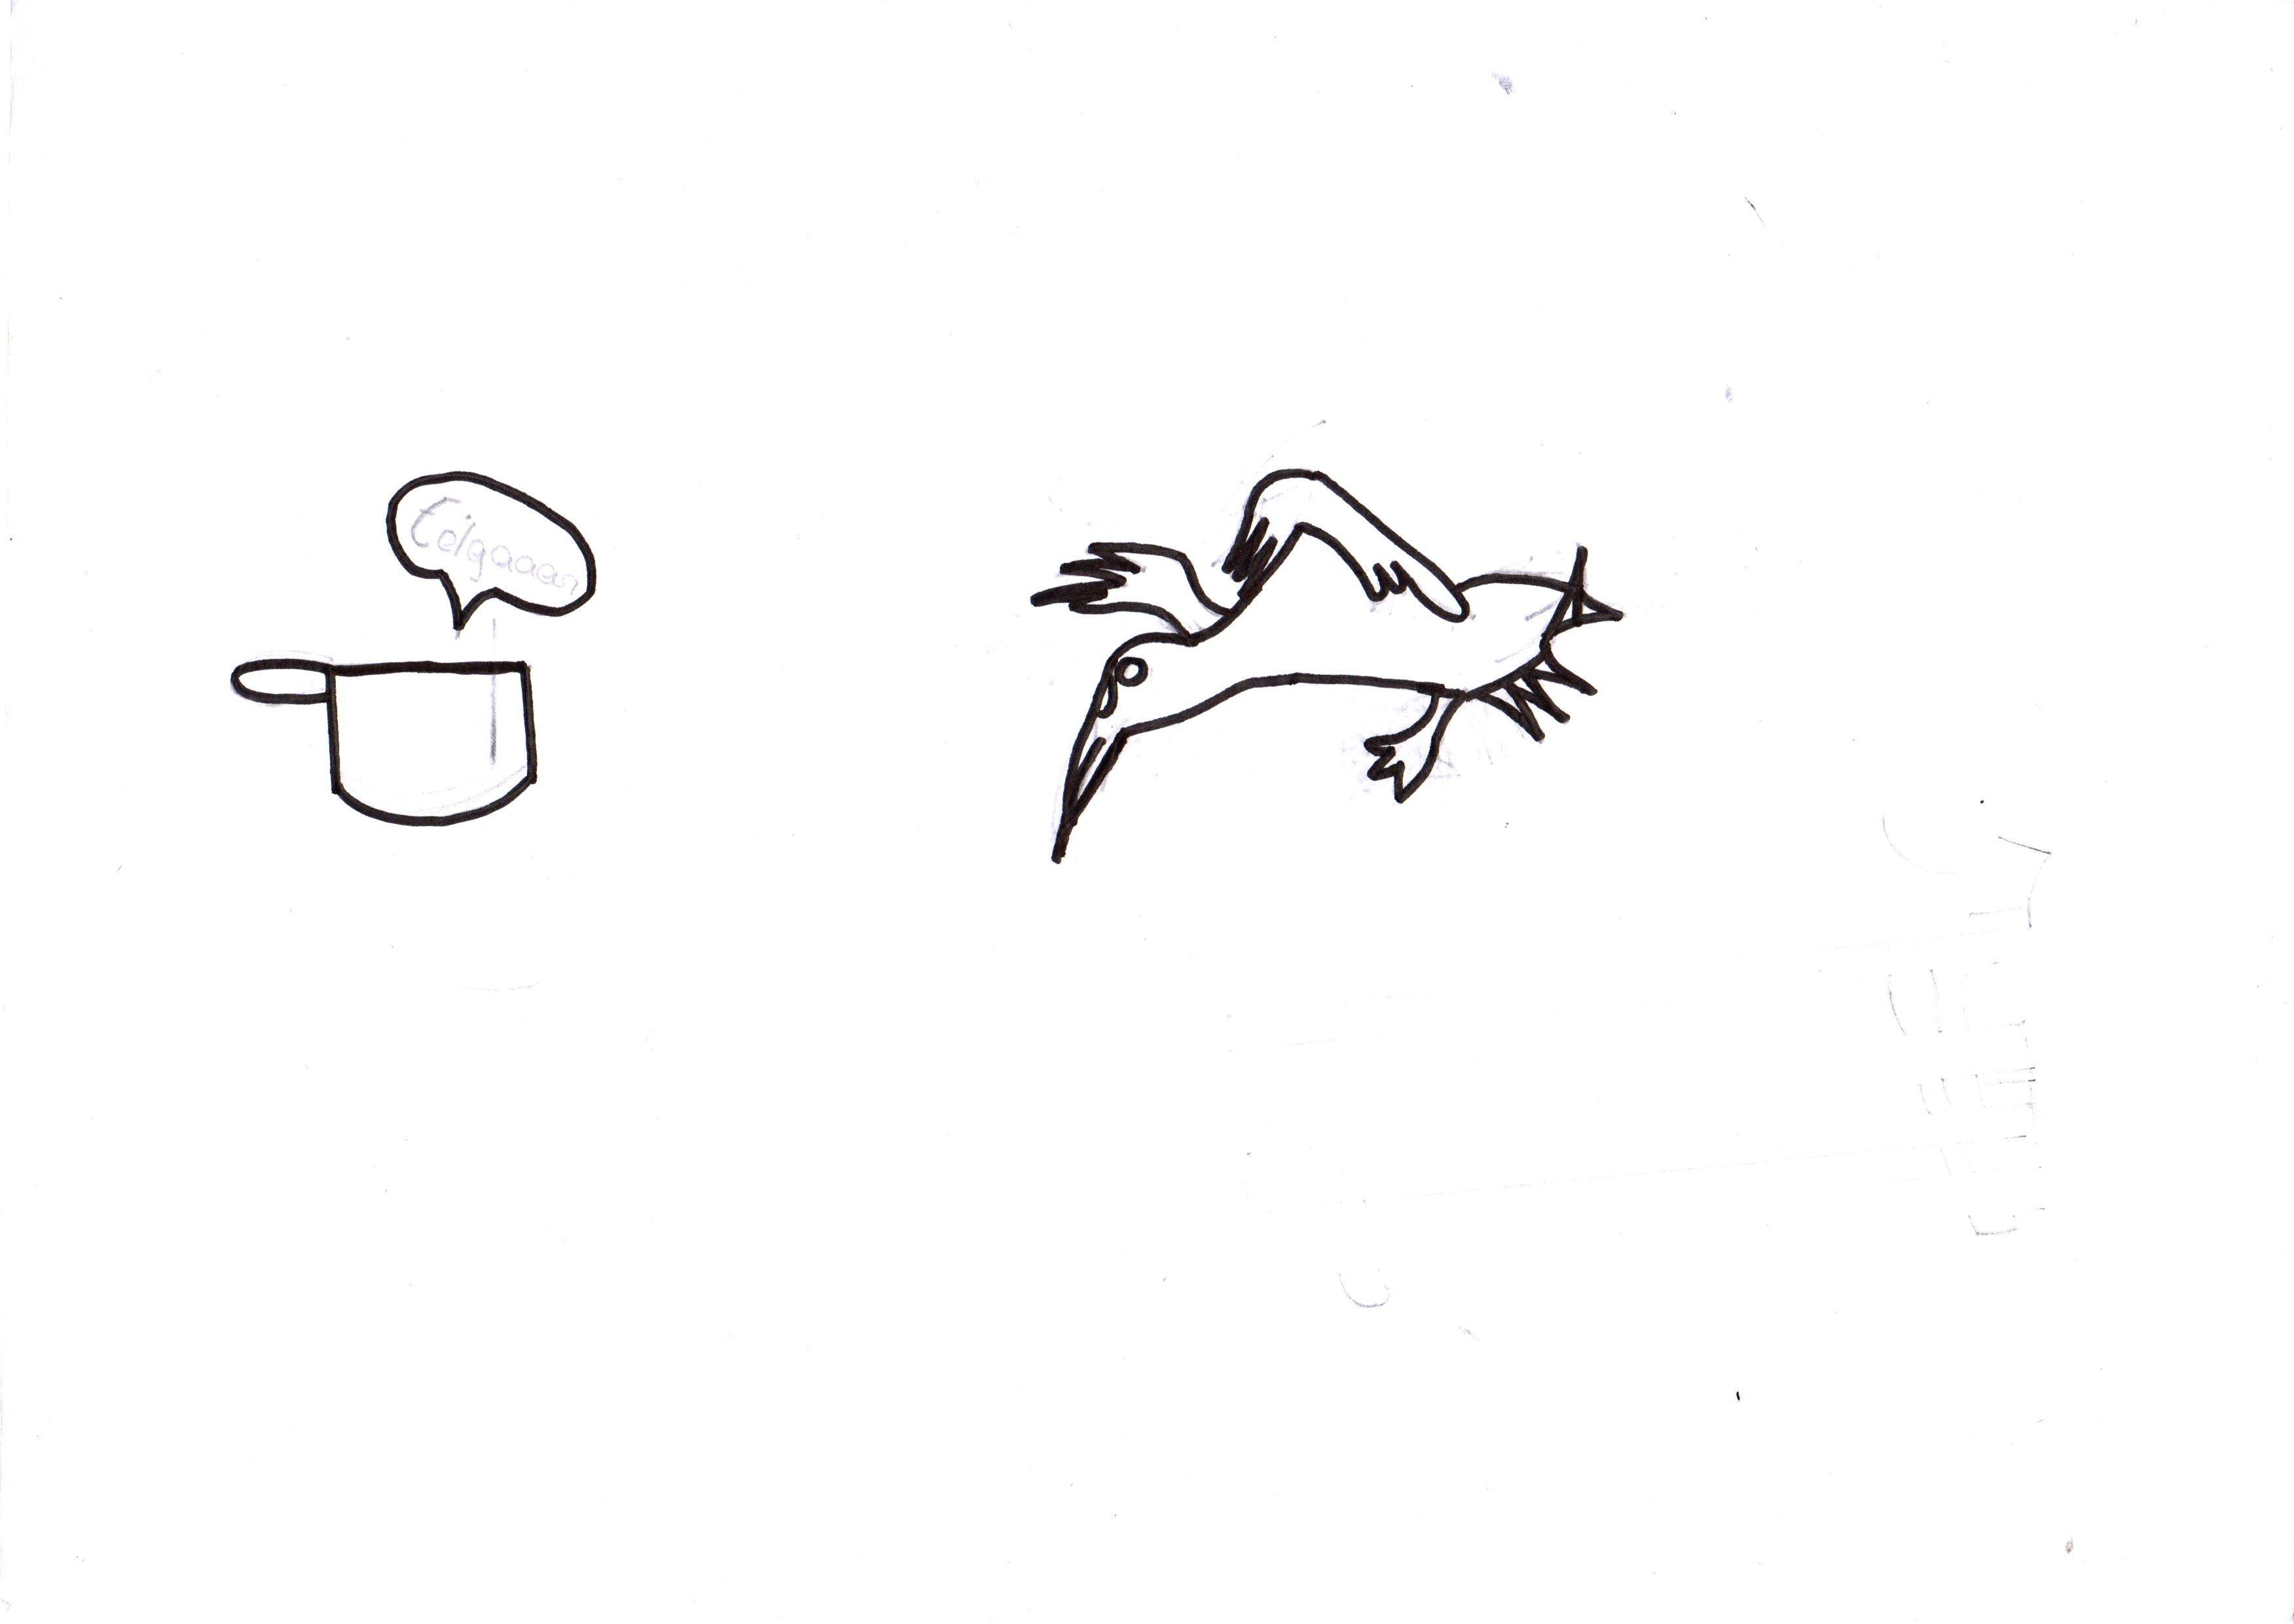 dessin_0010